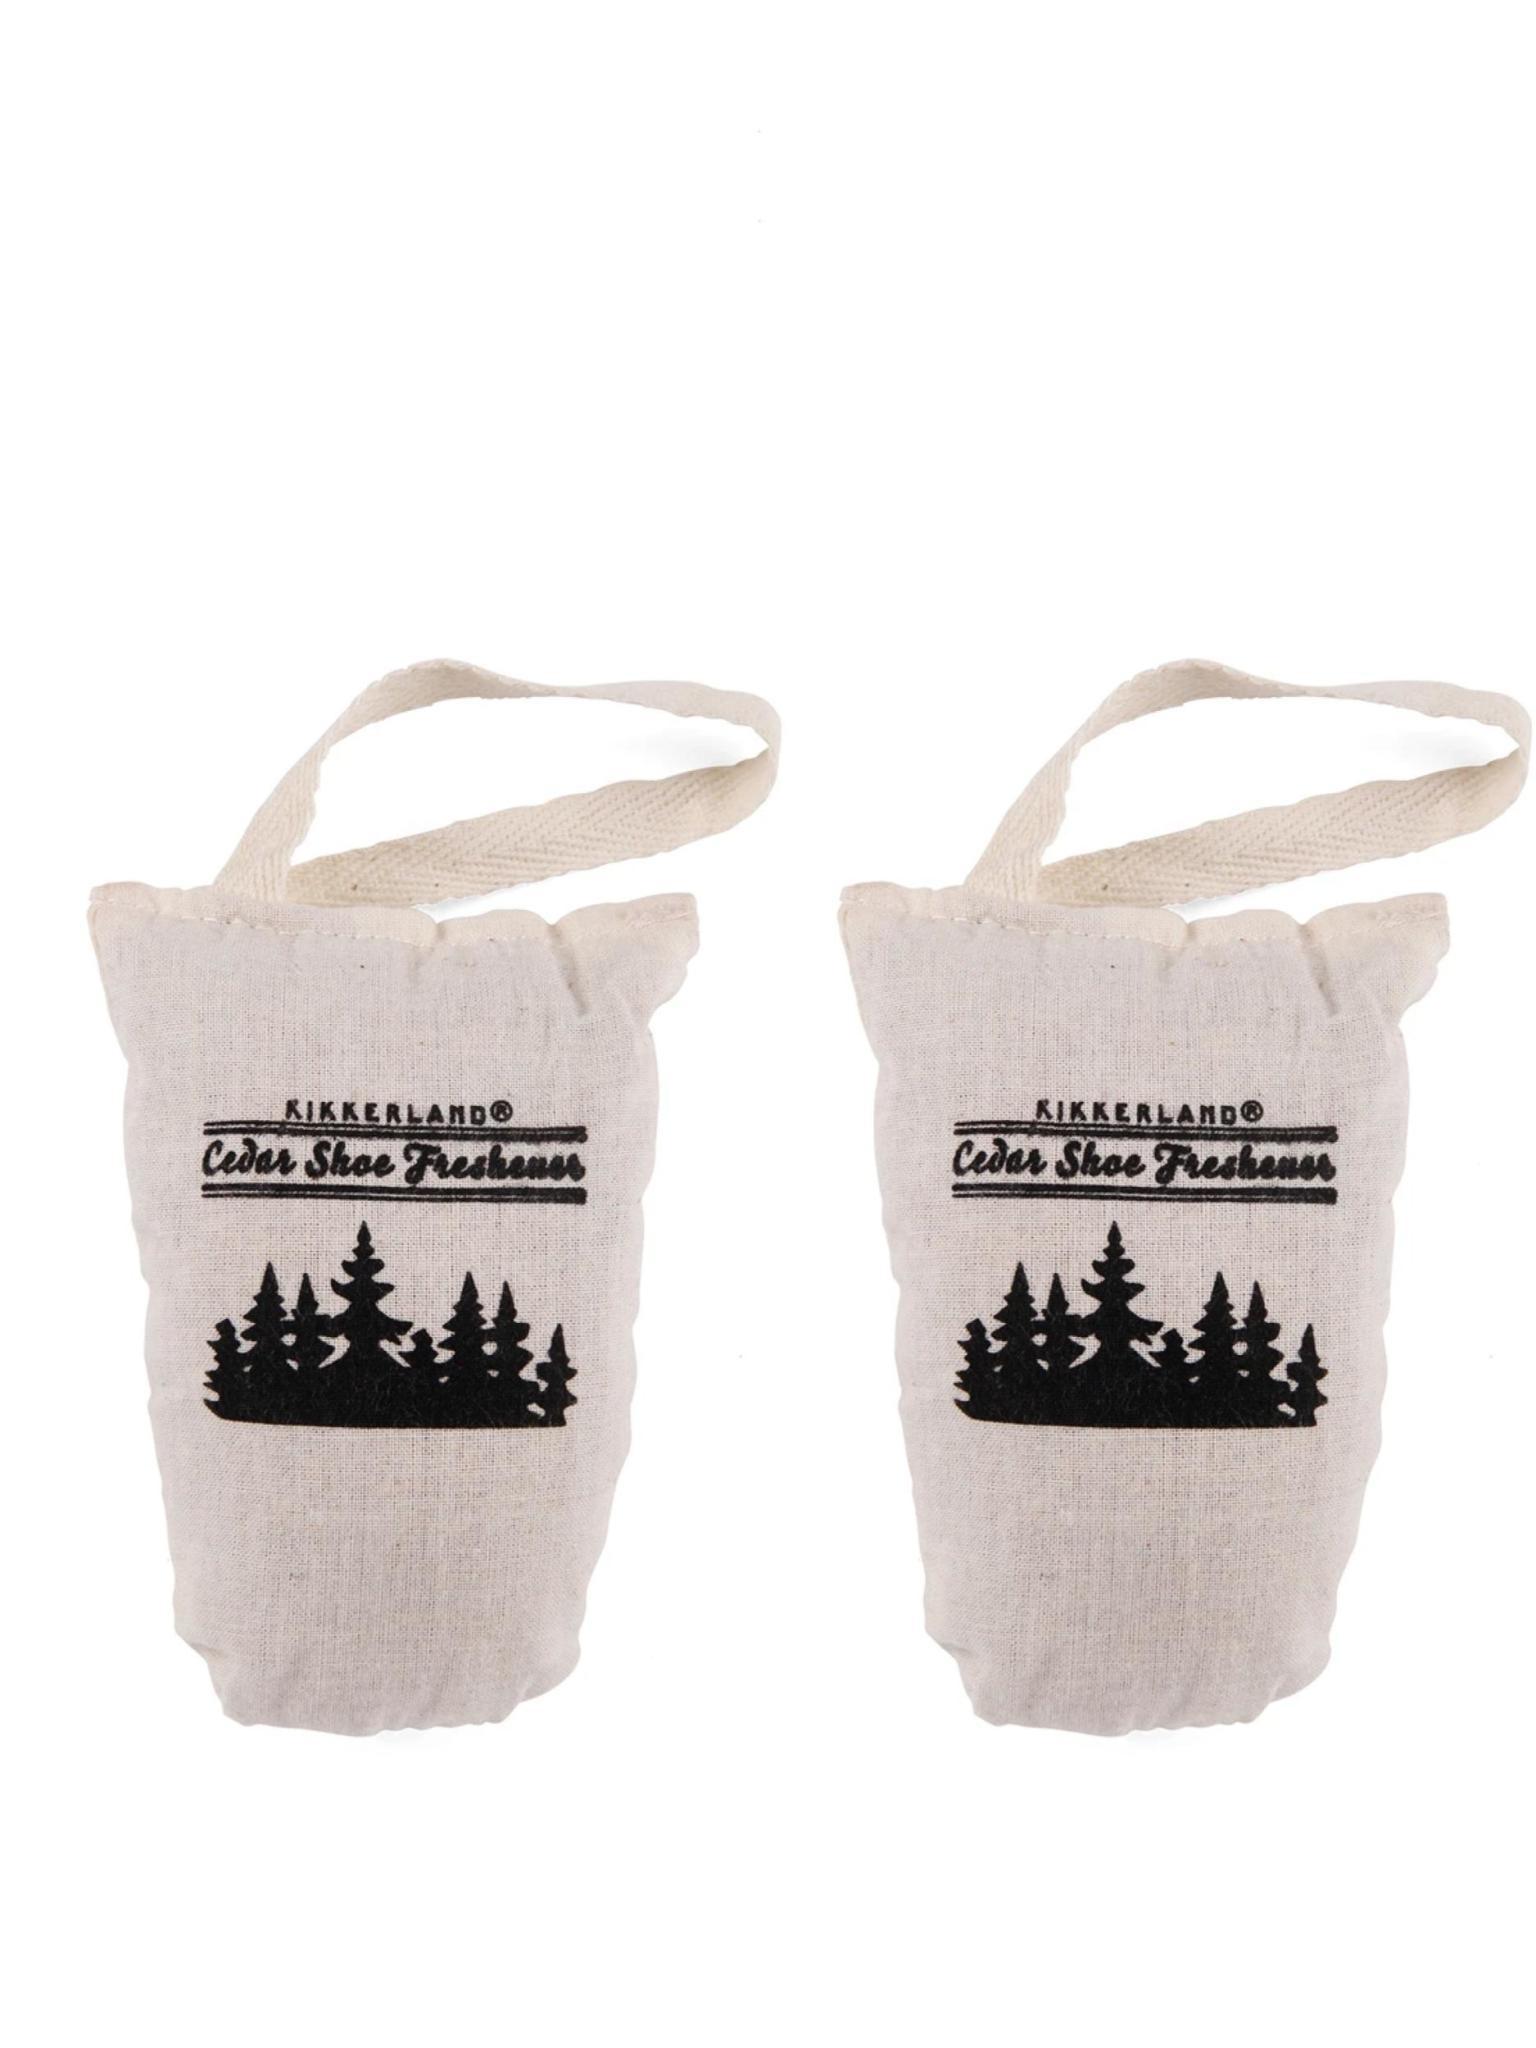 Kikkerland Cedar Shoe Freshener